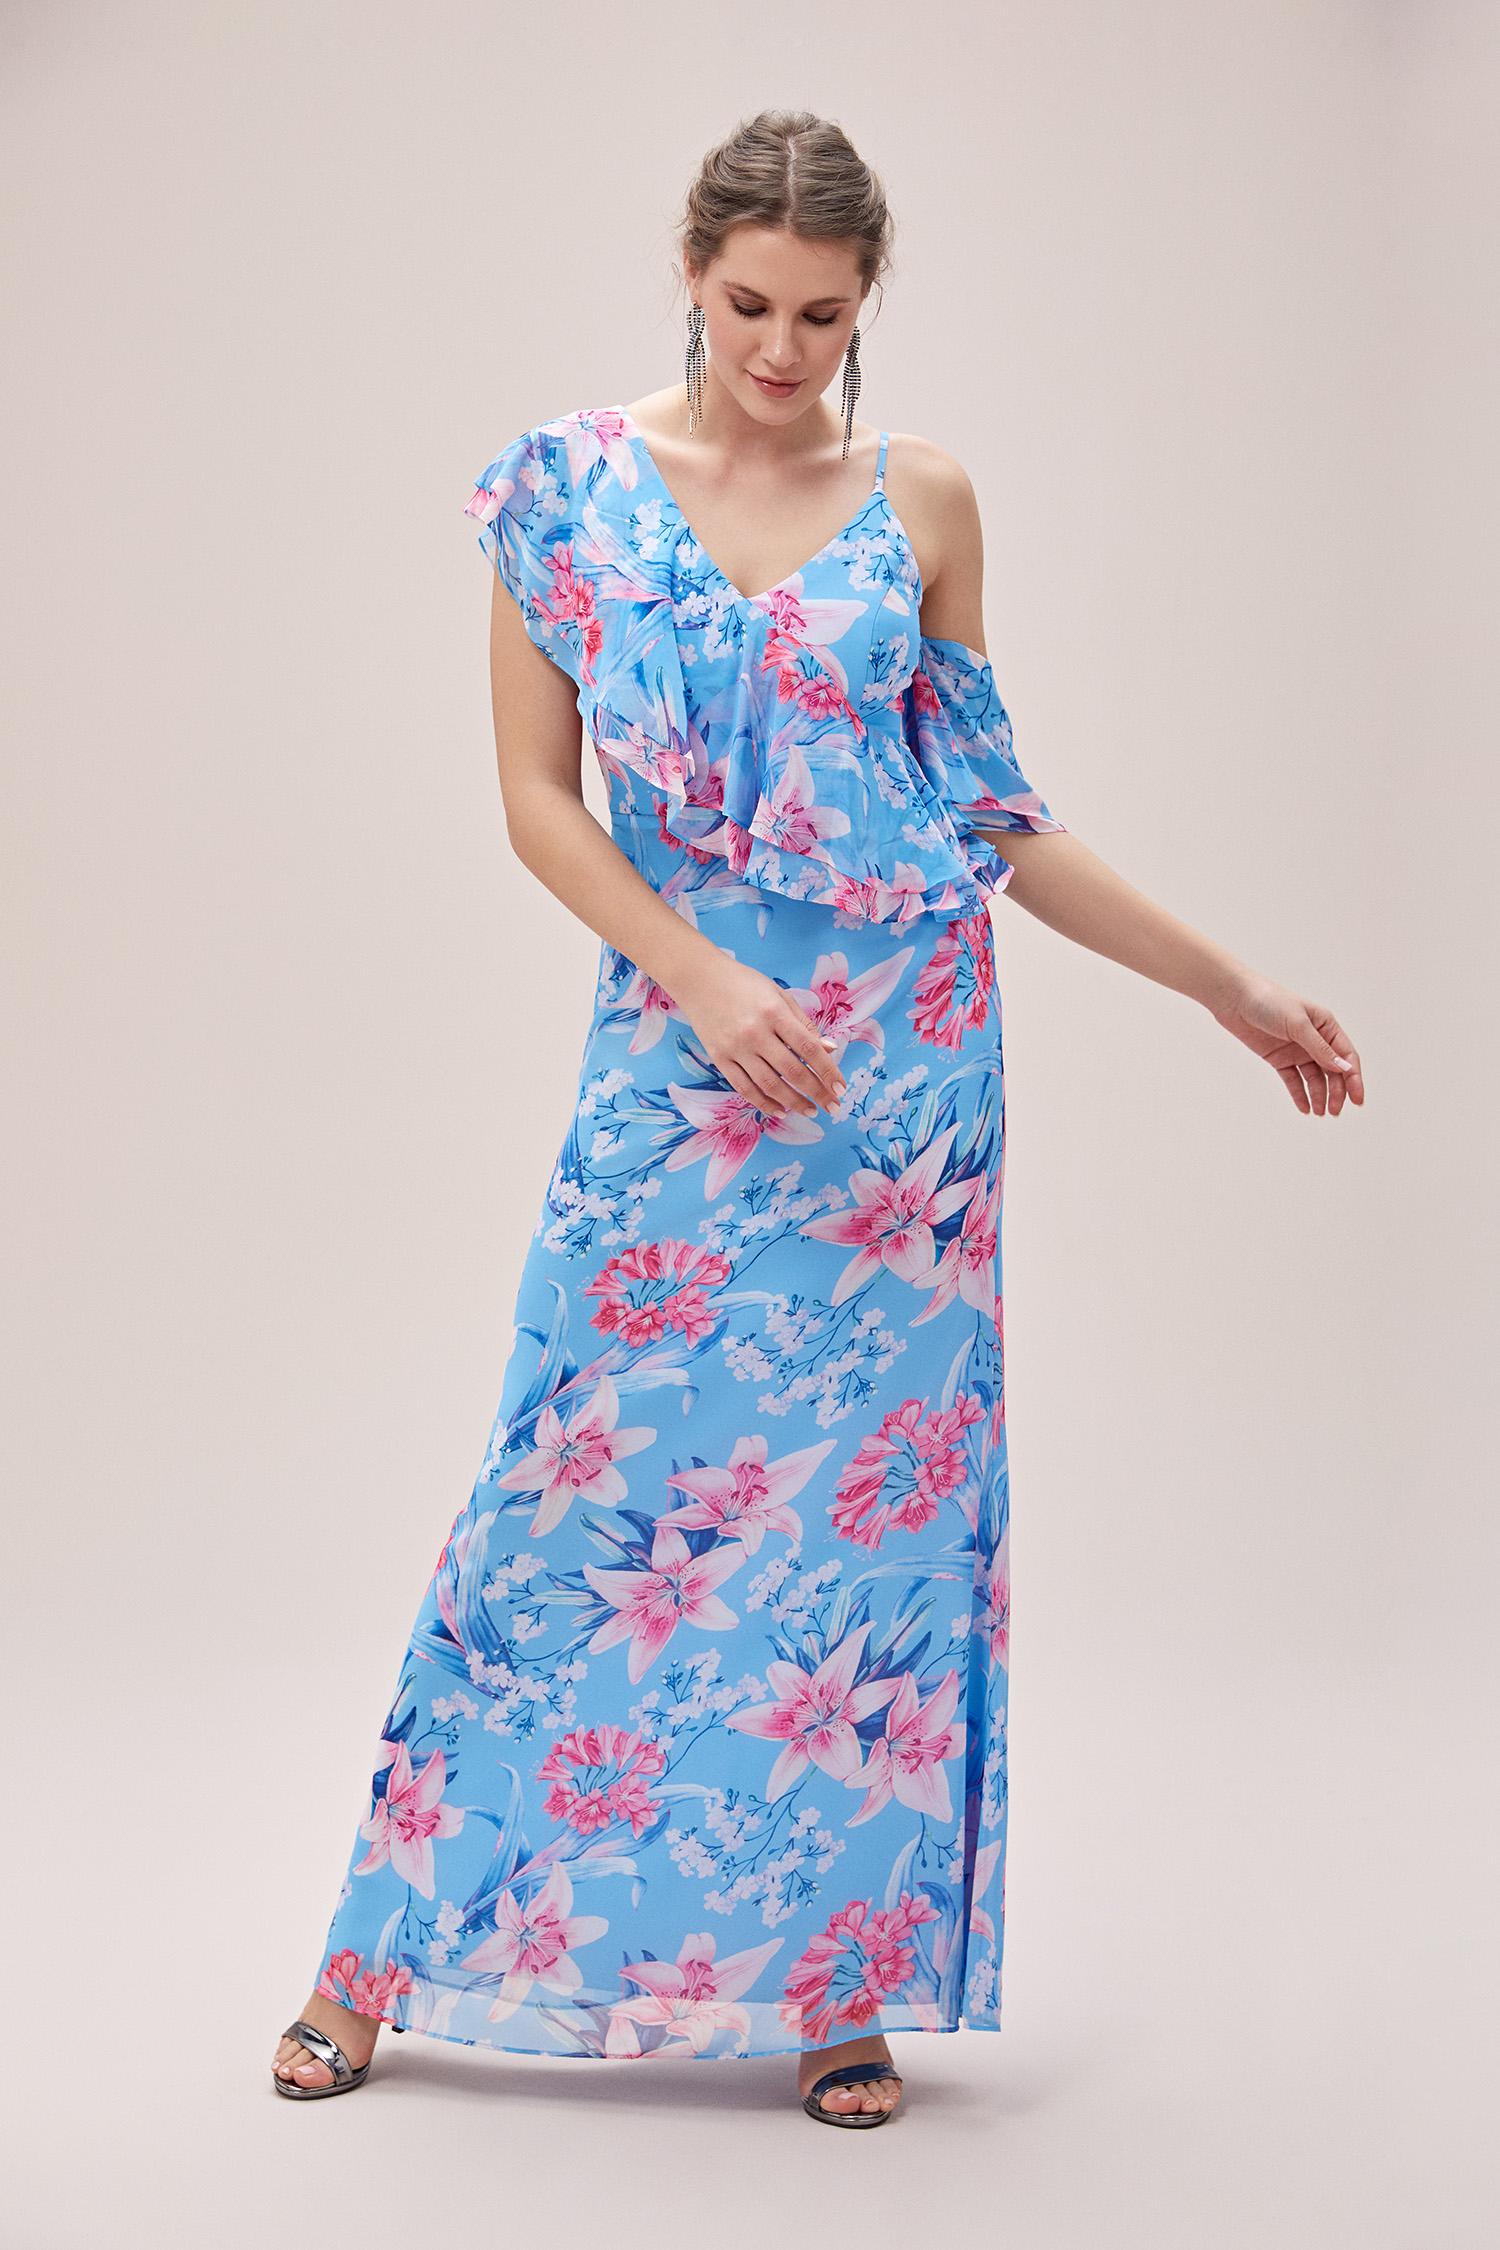 Mavi Çiçekli Askılı Fırfırlı Şifon Uzun Büyük Beden Abiye Elbise - Thumbnail